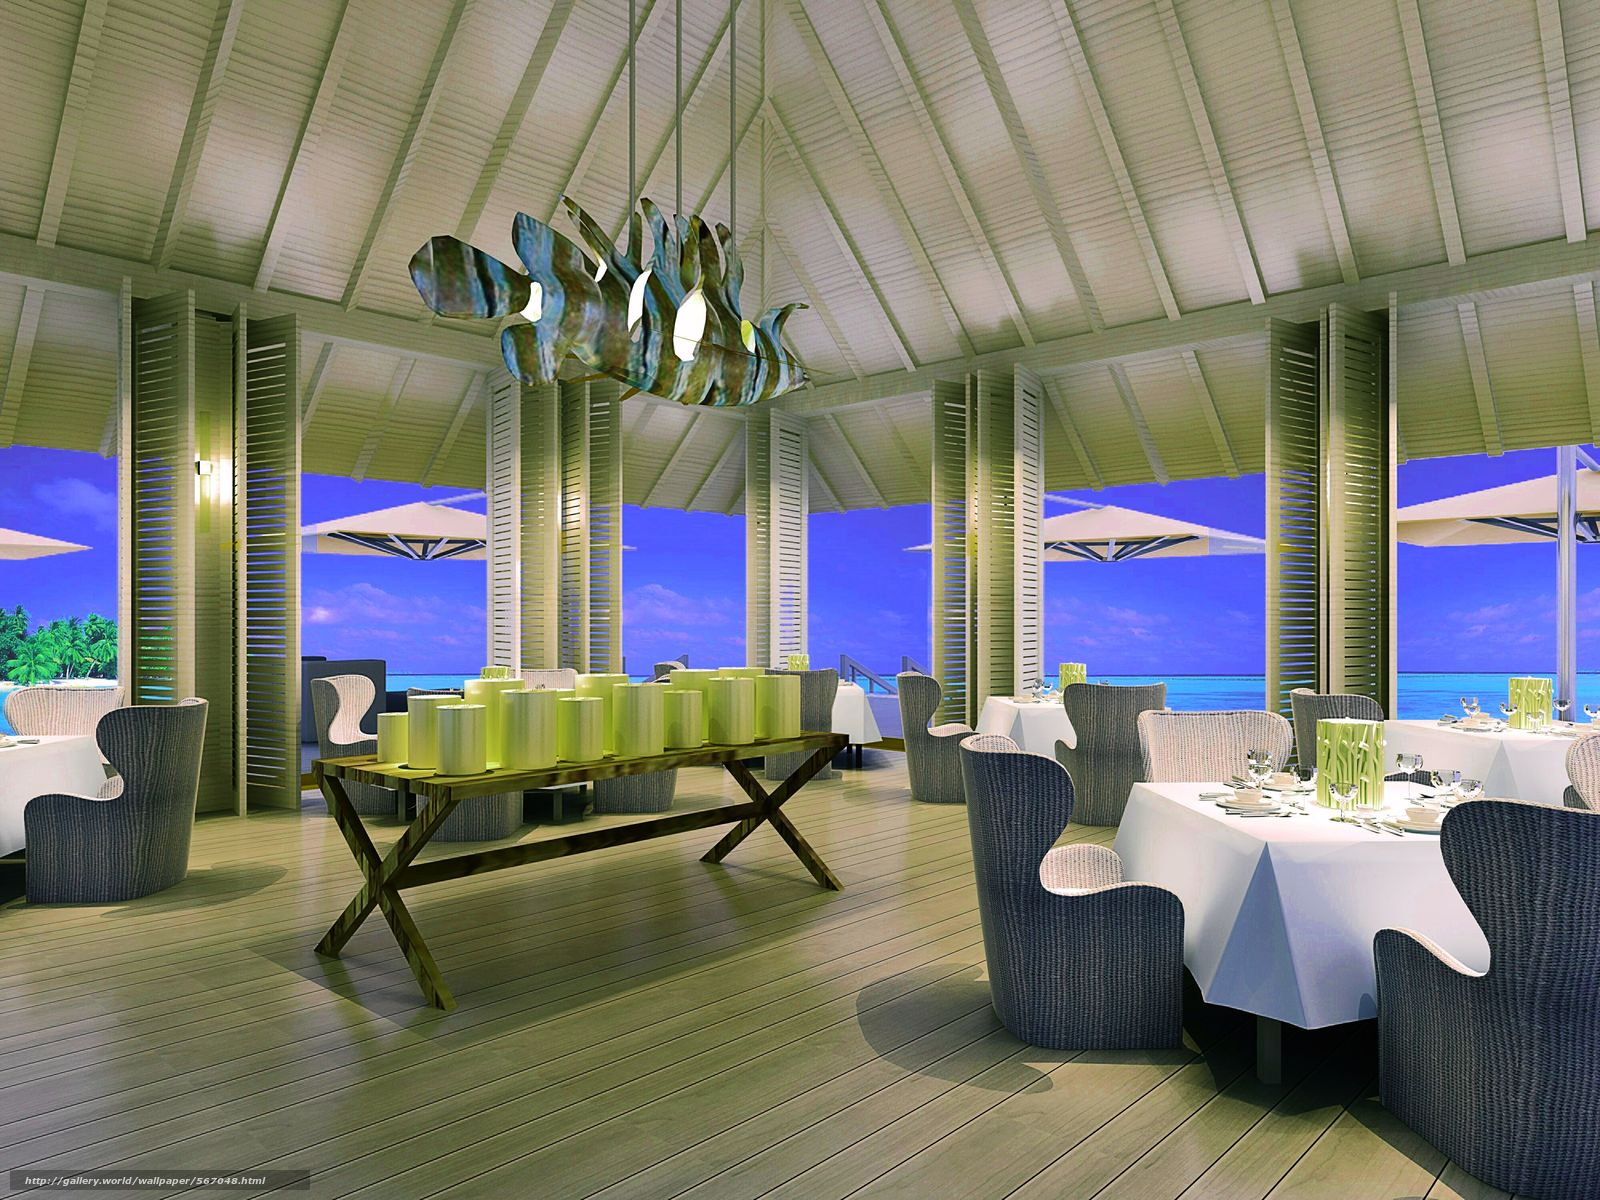 下载壁纸 设计,  室内,  风格,  旅馆 免费为您的桌面分辨率的壁纸 4000x3000 — 图片 №567048